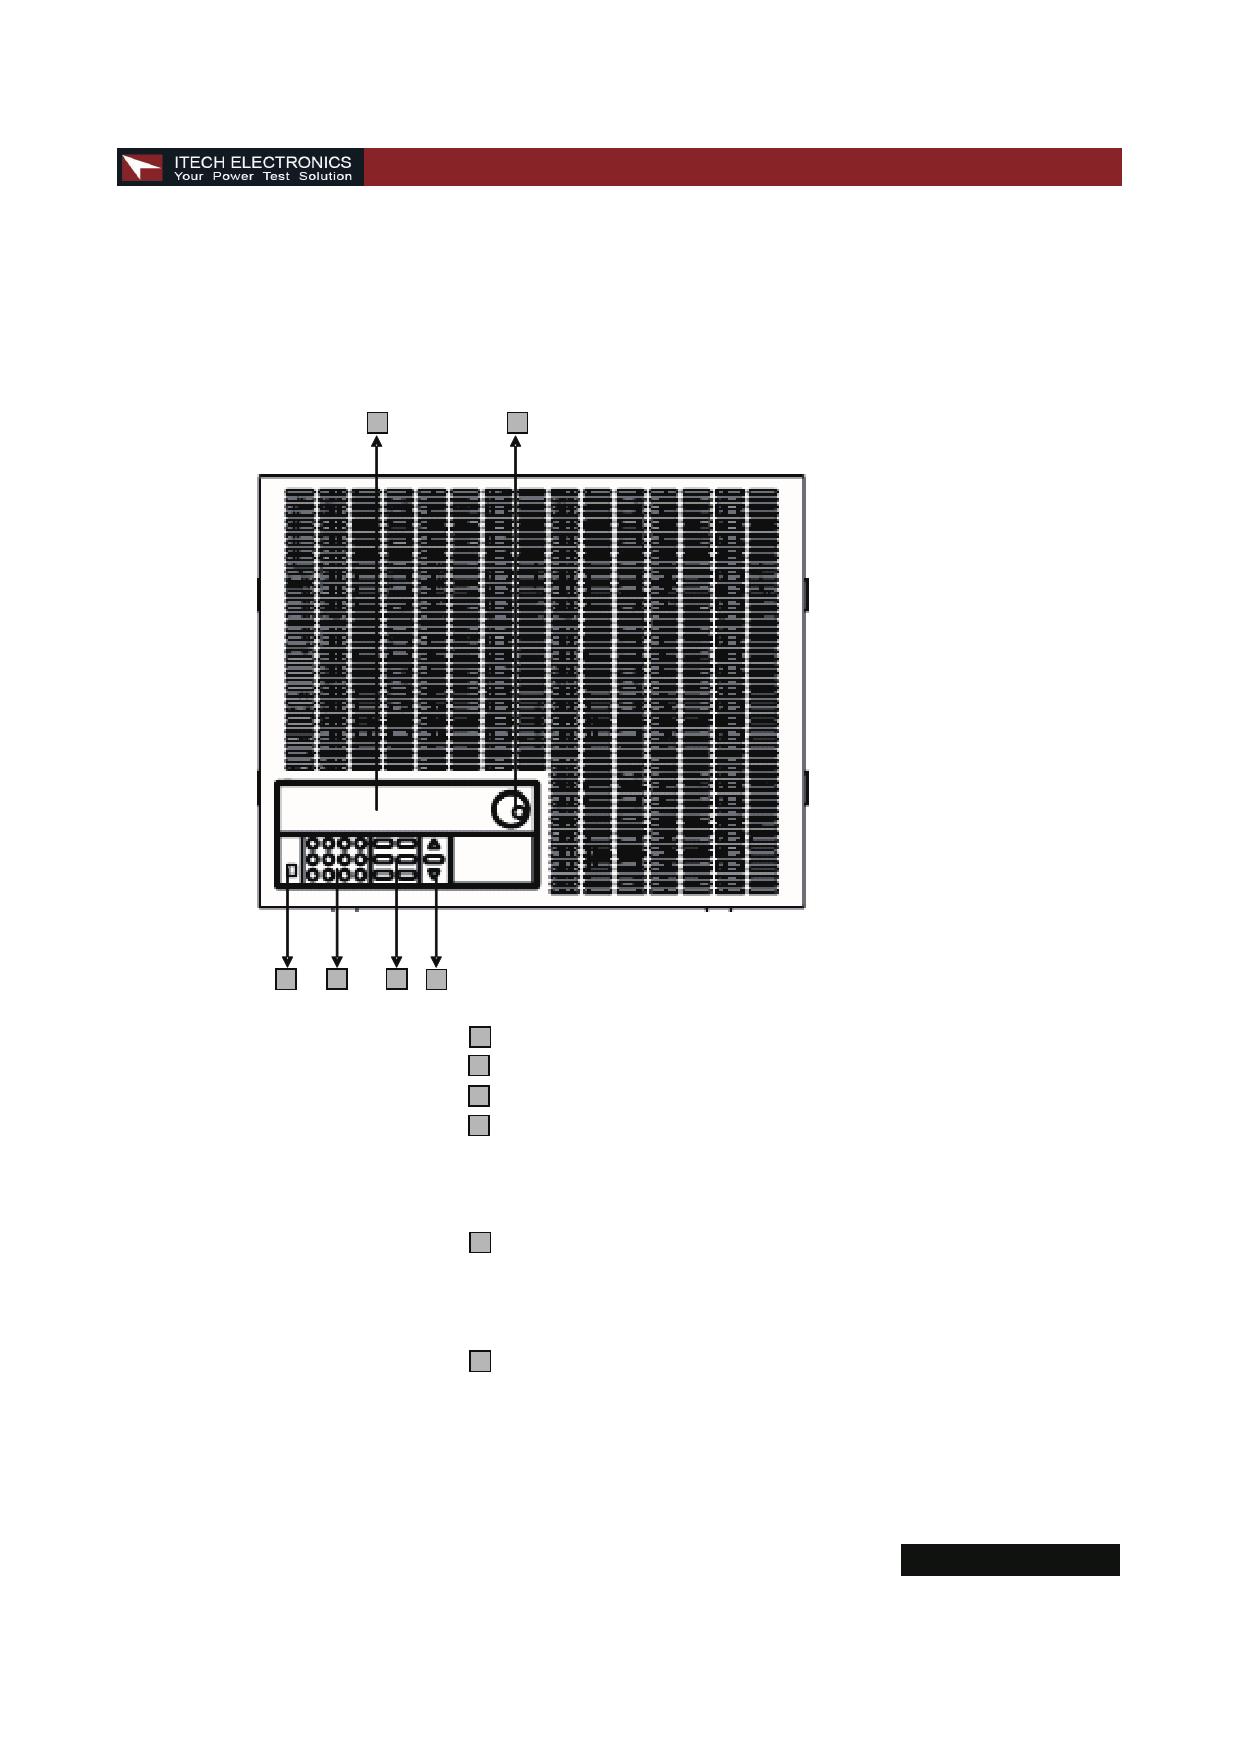 IT8518E 전자부품, 판매, 대치품